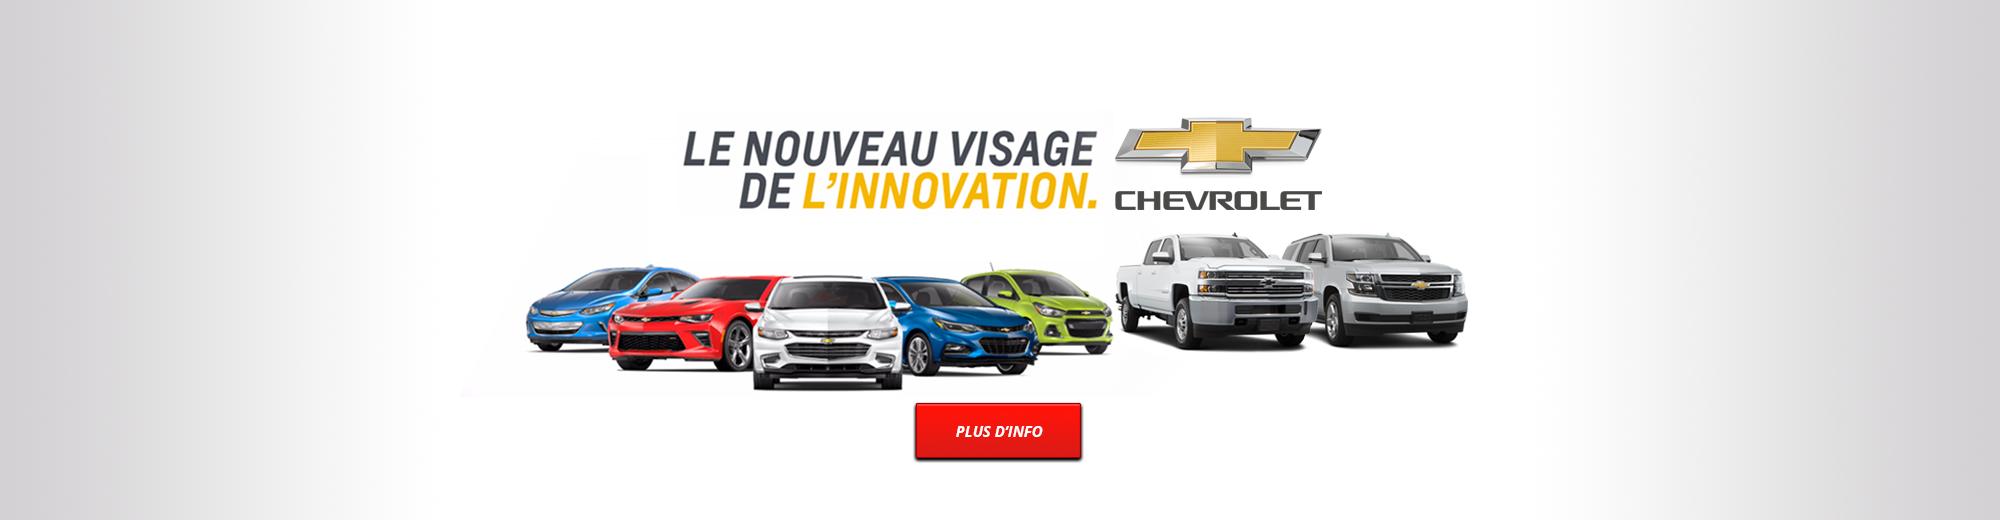 Chevrolet | Le nouveau visage de l'innovation